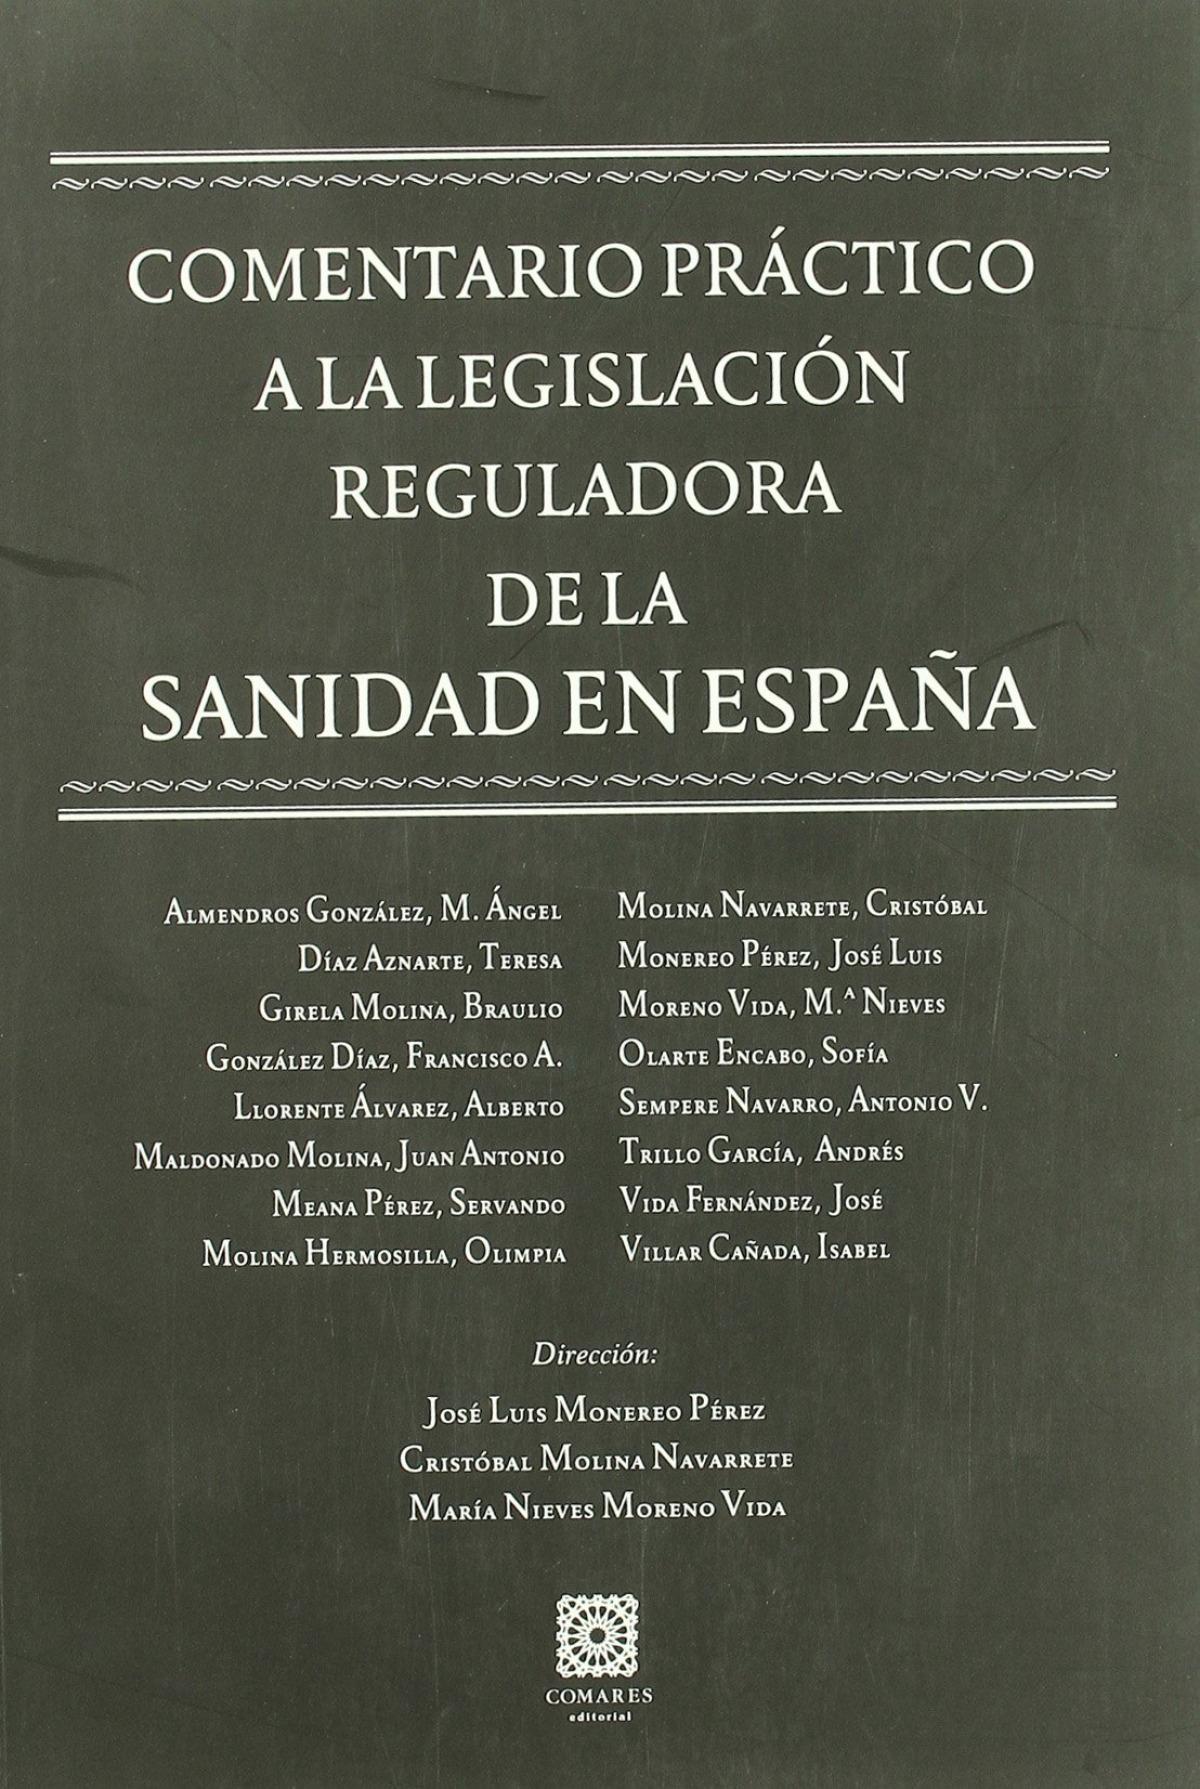 Comentario practico a la legislacion reguladora de la sanidad en españa - Aa.Vv.